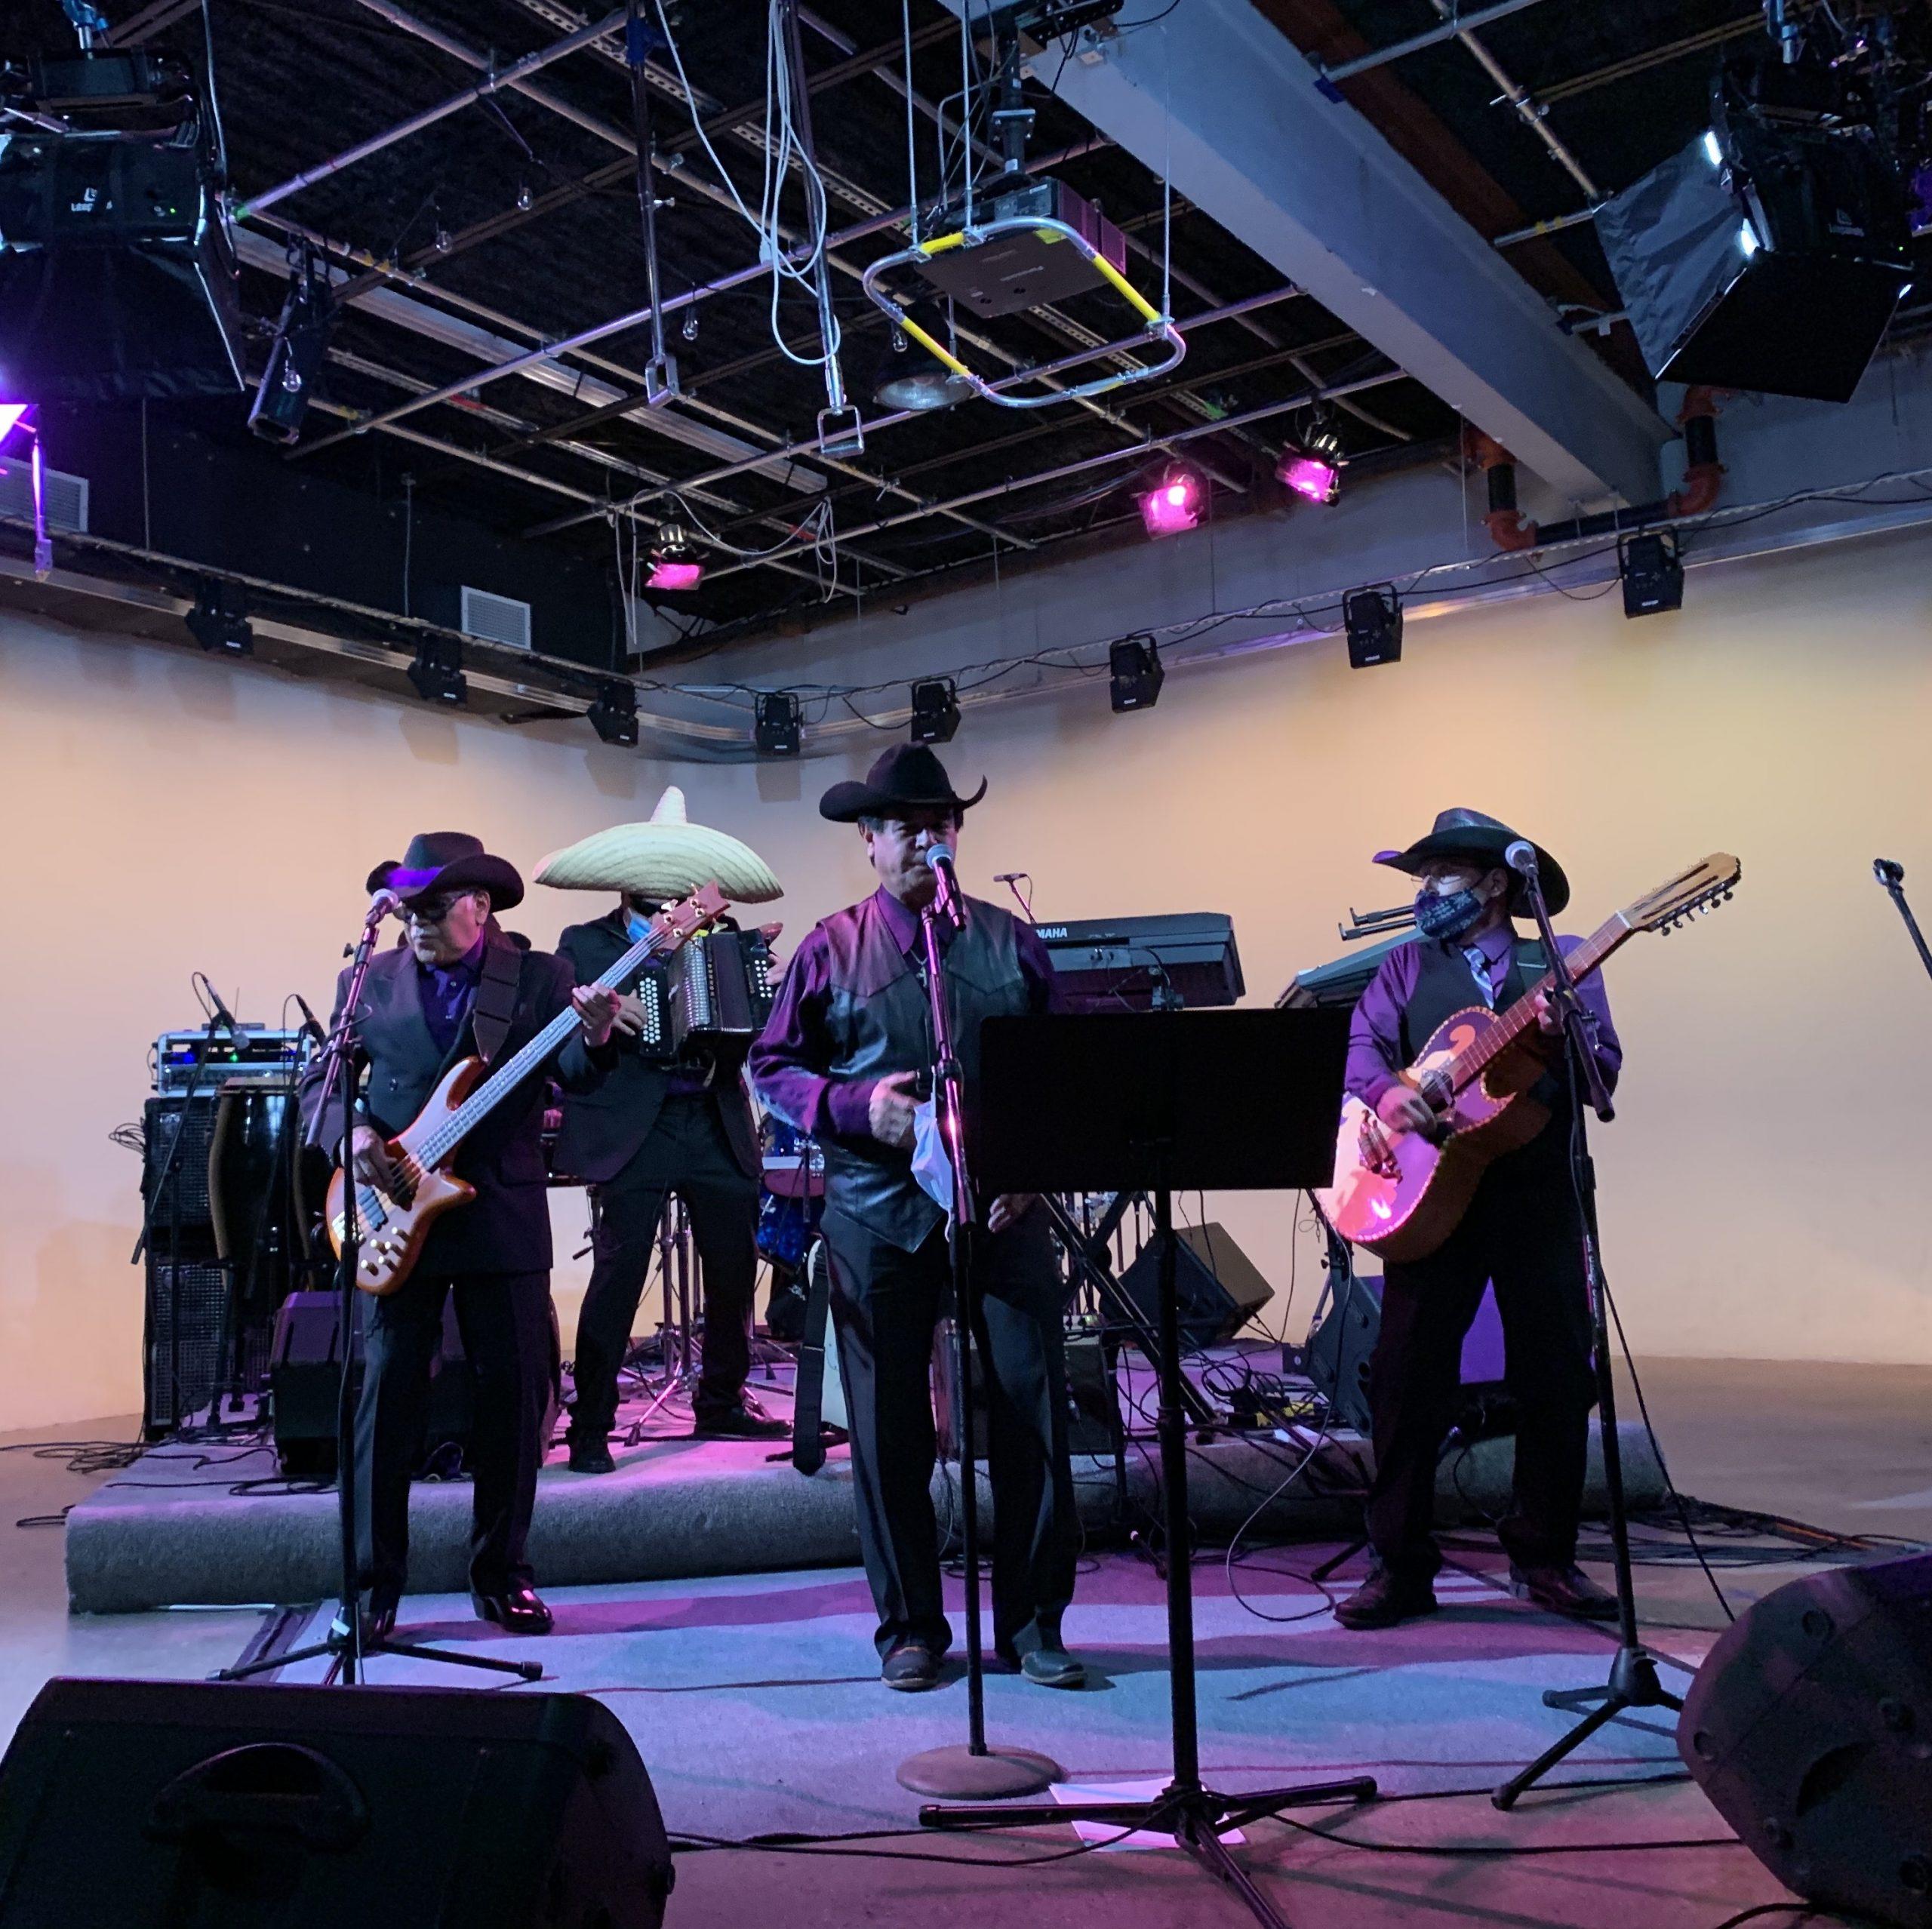 Grupo Mio: Tex-Mex Roots with a Minnesota Twist